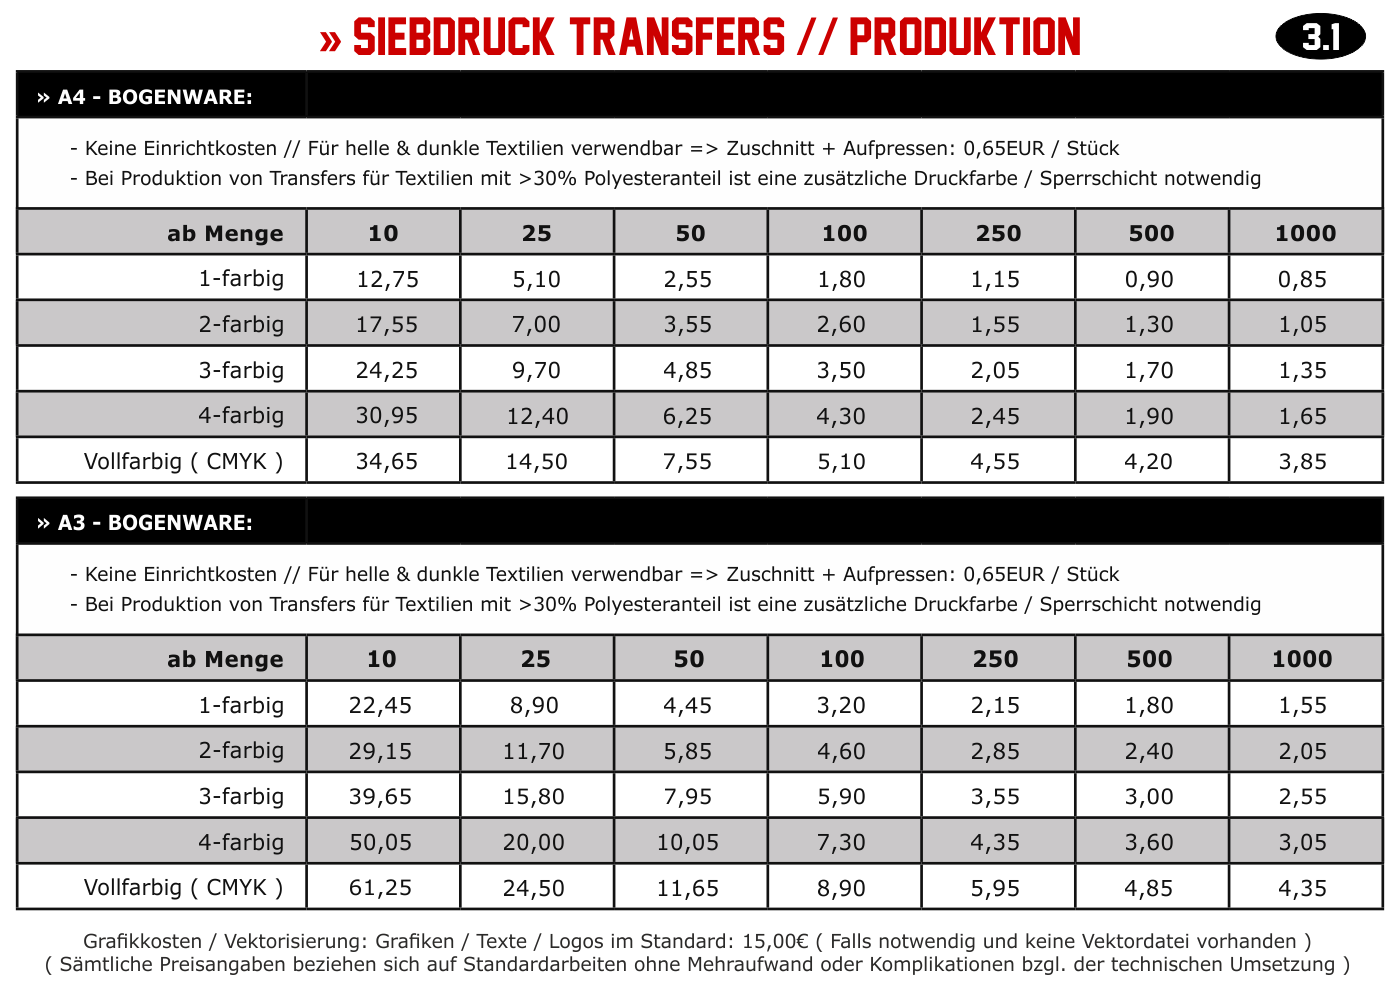 Preisliste Siebdruck Transfer, Transfers Plastisol Produktion